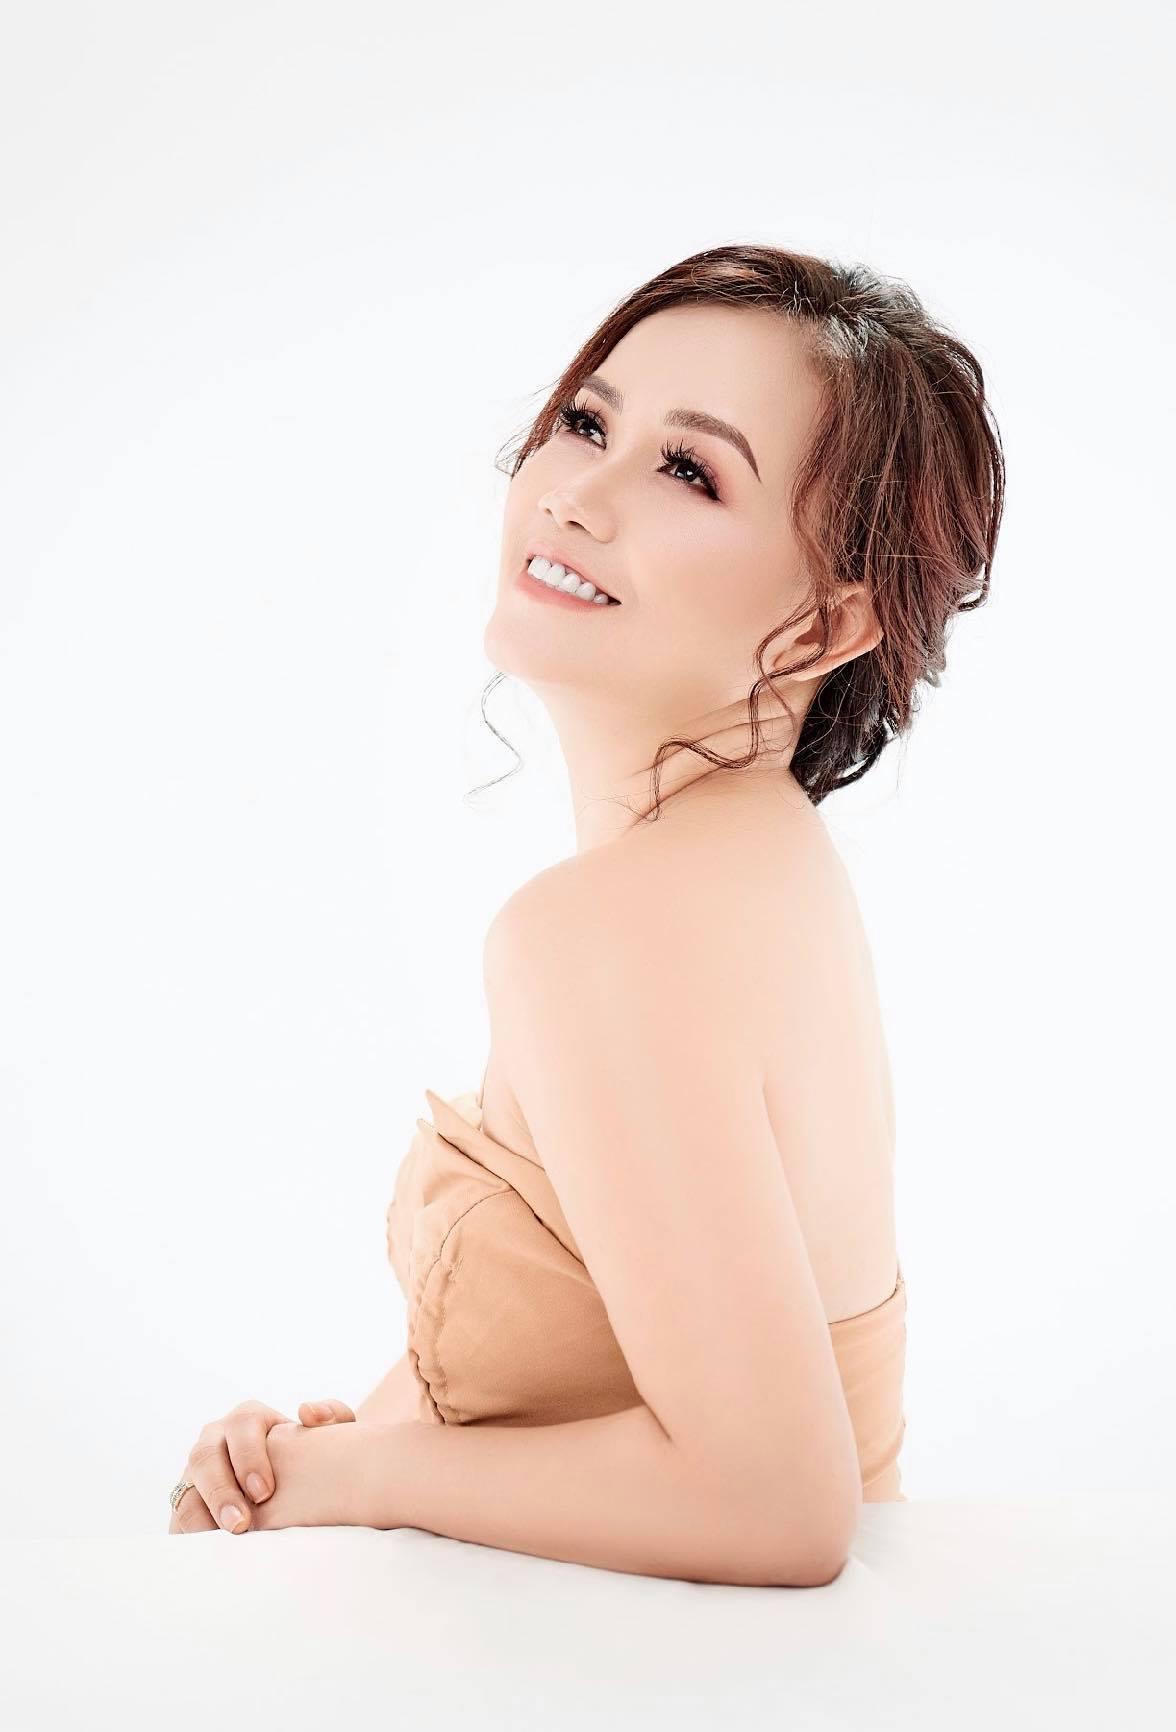 Diễn viên Hoàng Yến: Hạnh phúc với tôi đơn giản lắm!